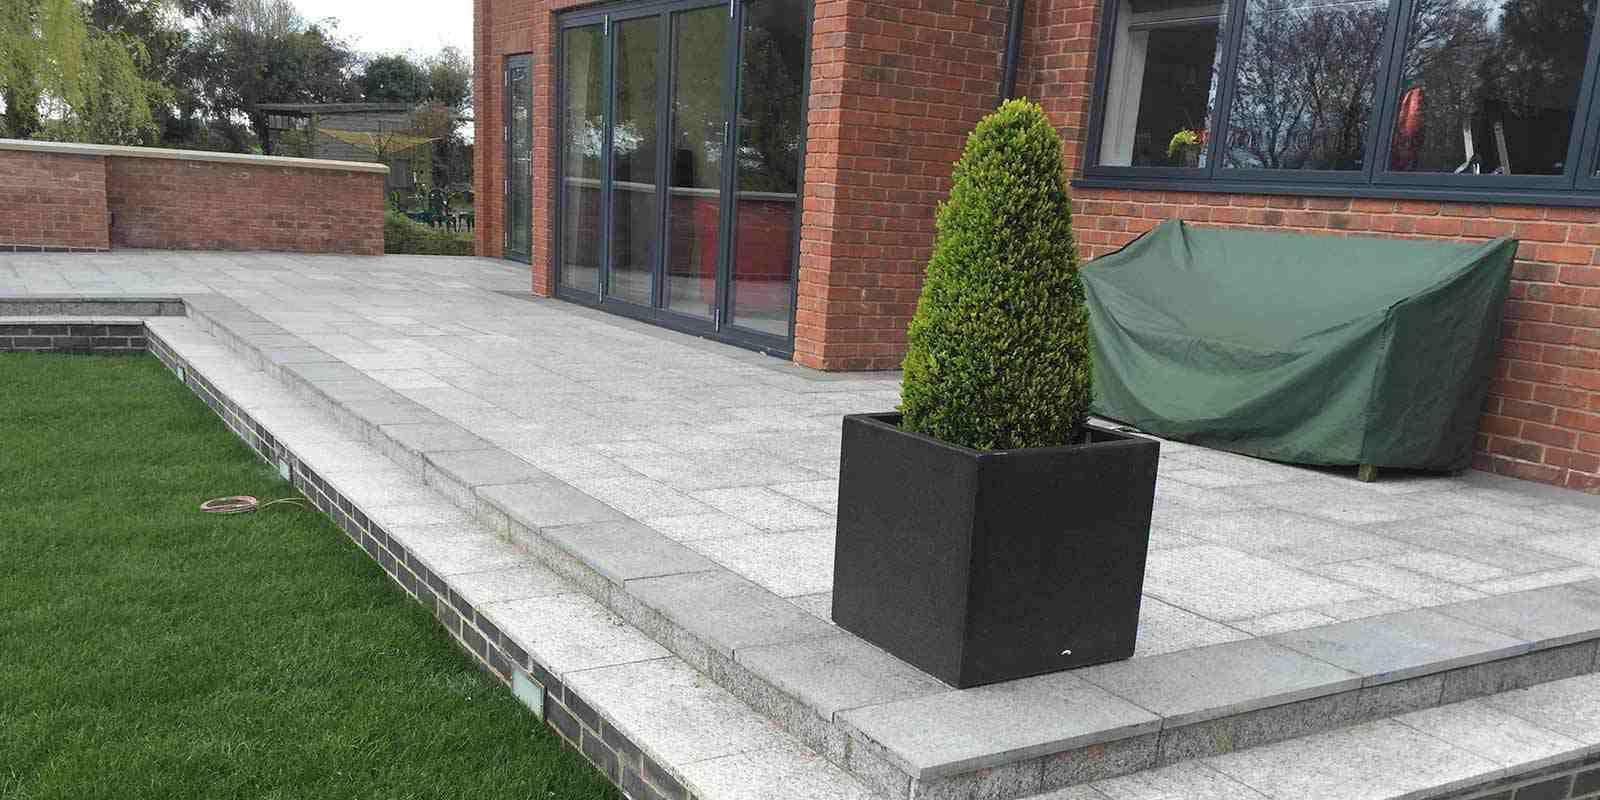 garden-design-11 Updated